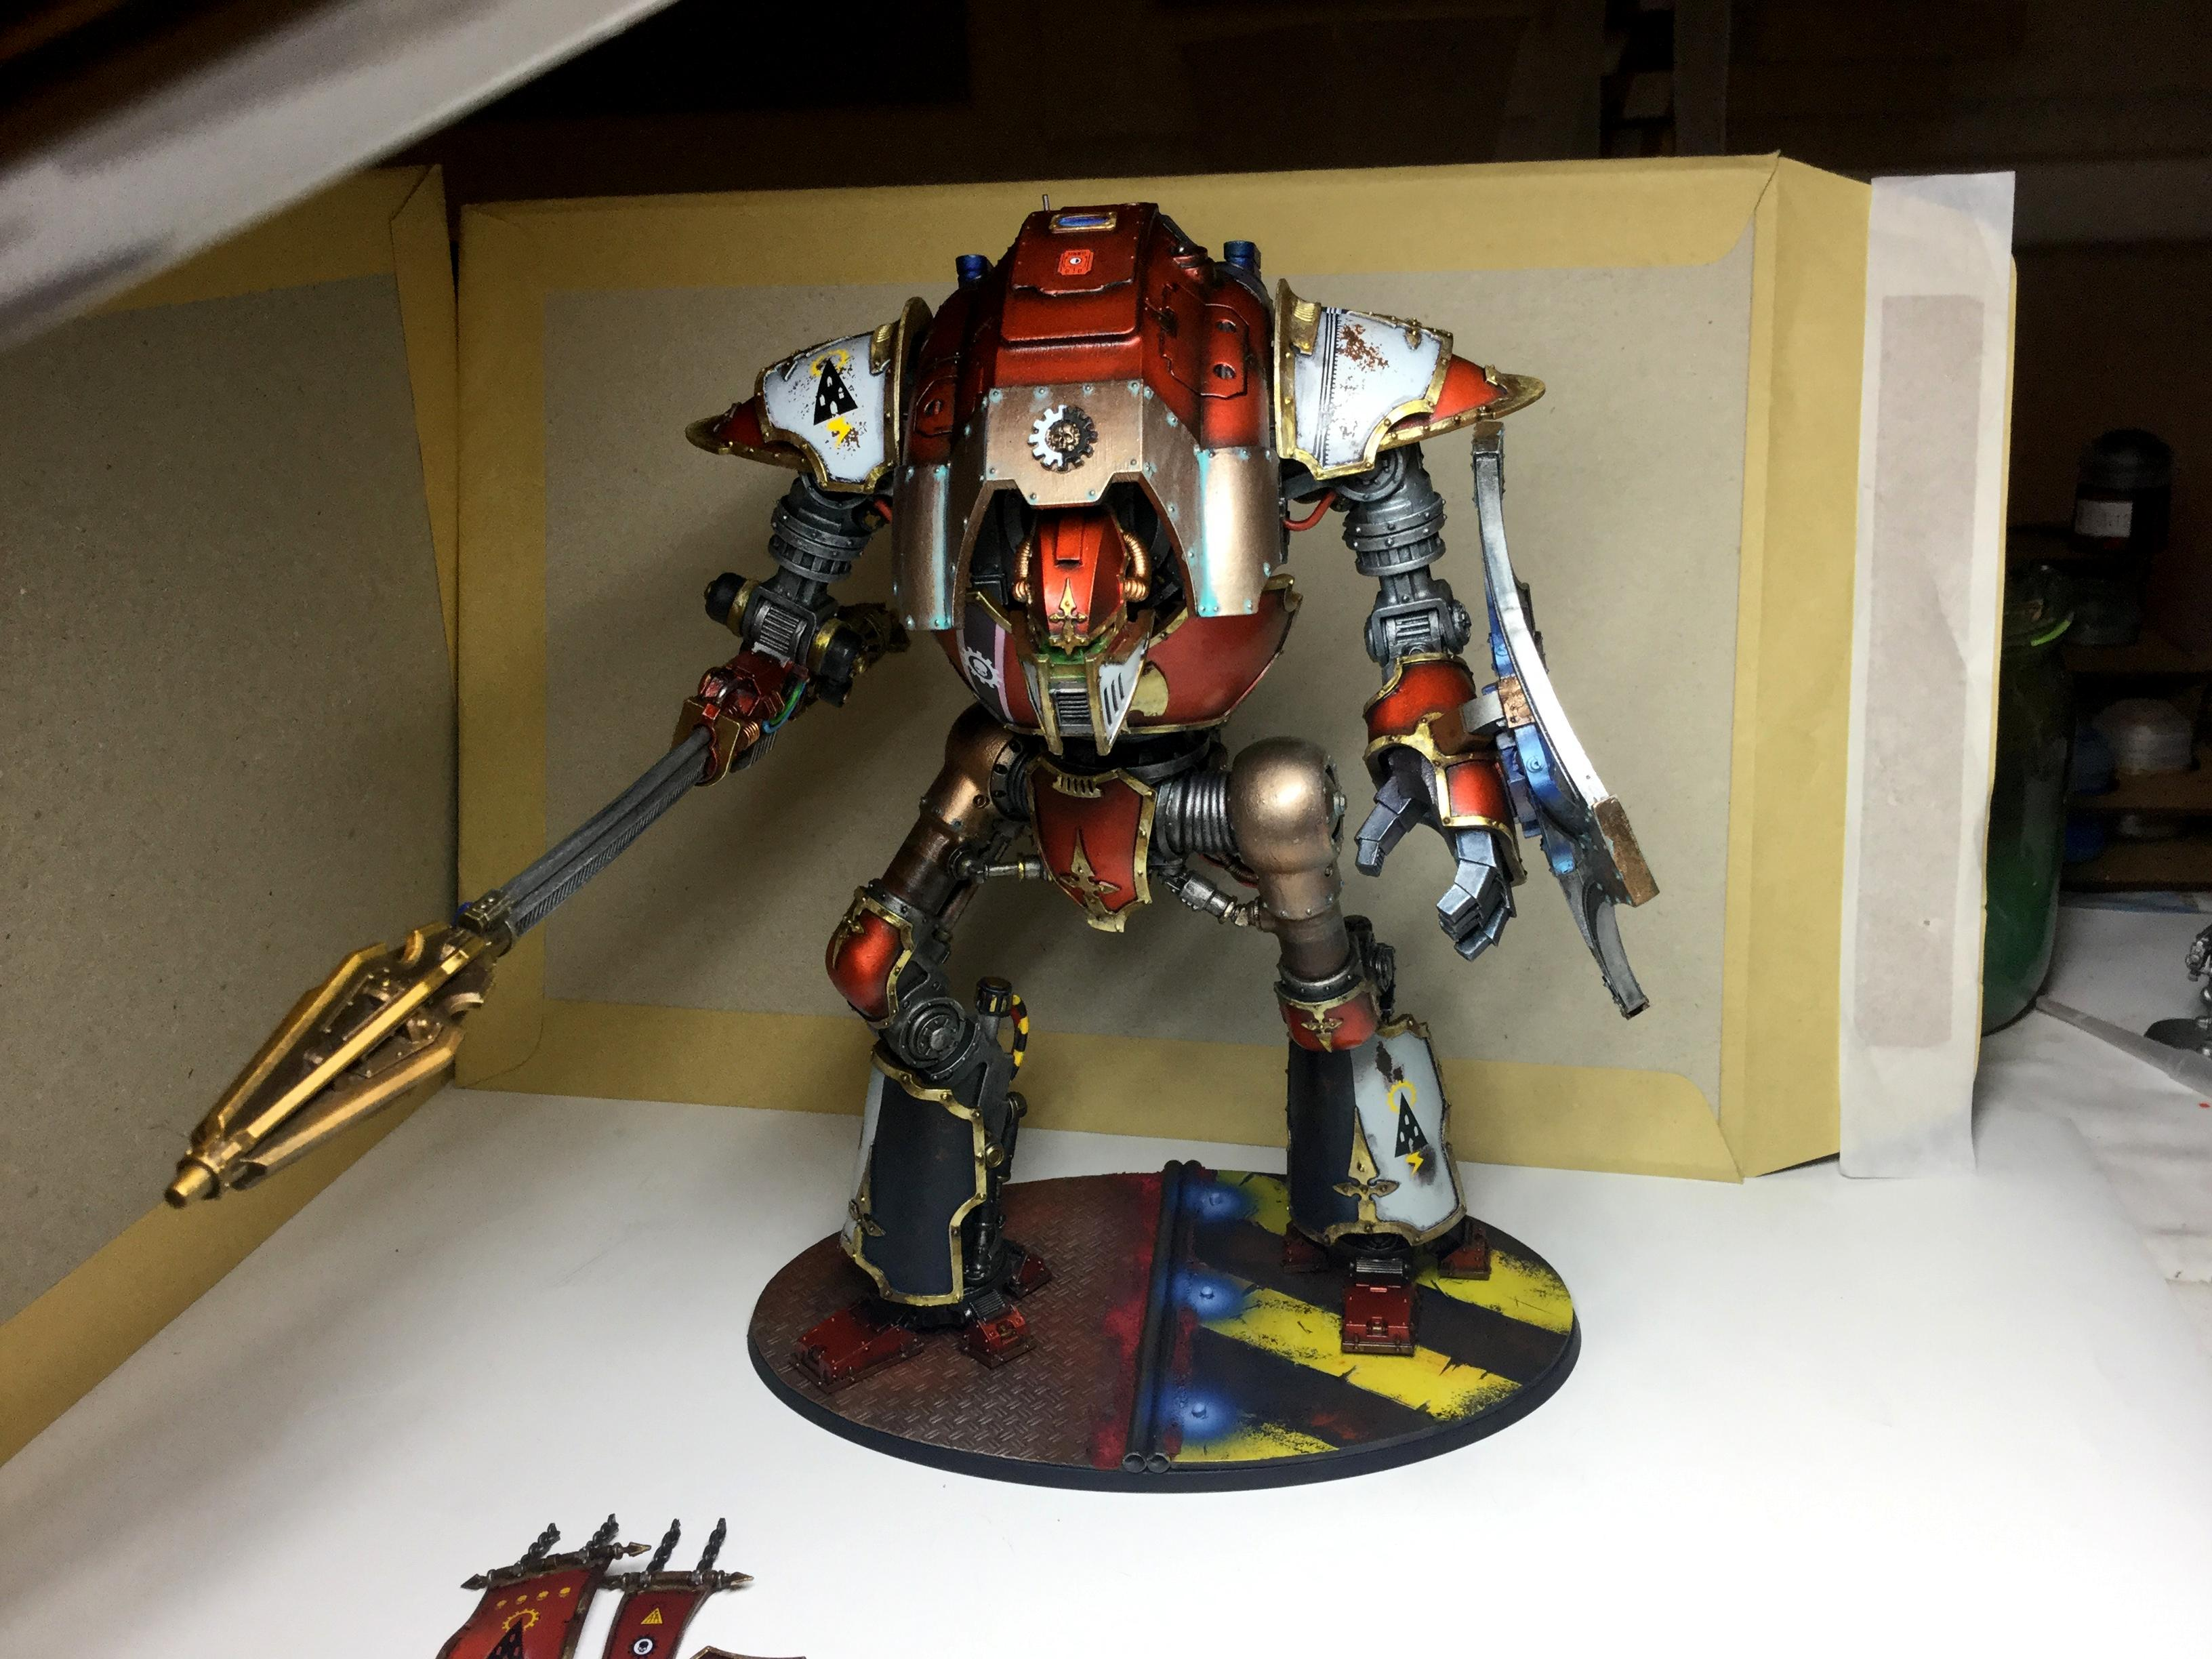 Cerastus, Forge World, Knight Lancer, Warhammer 40,000